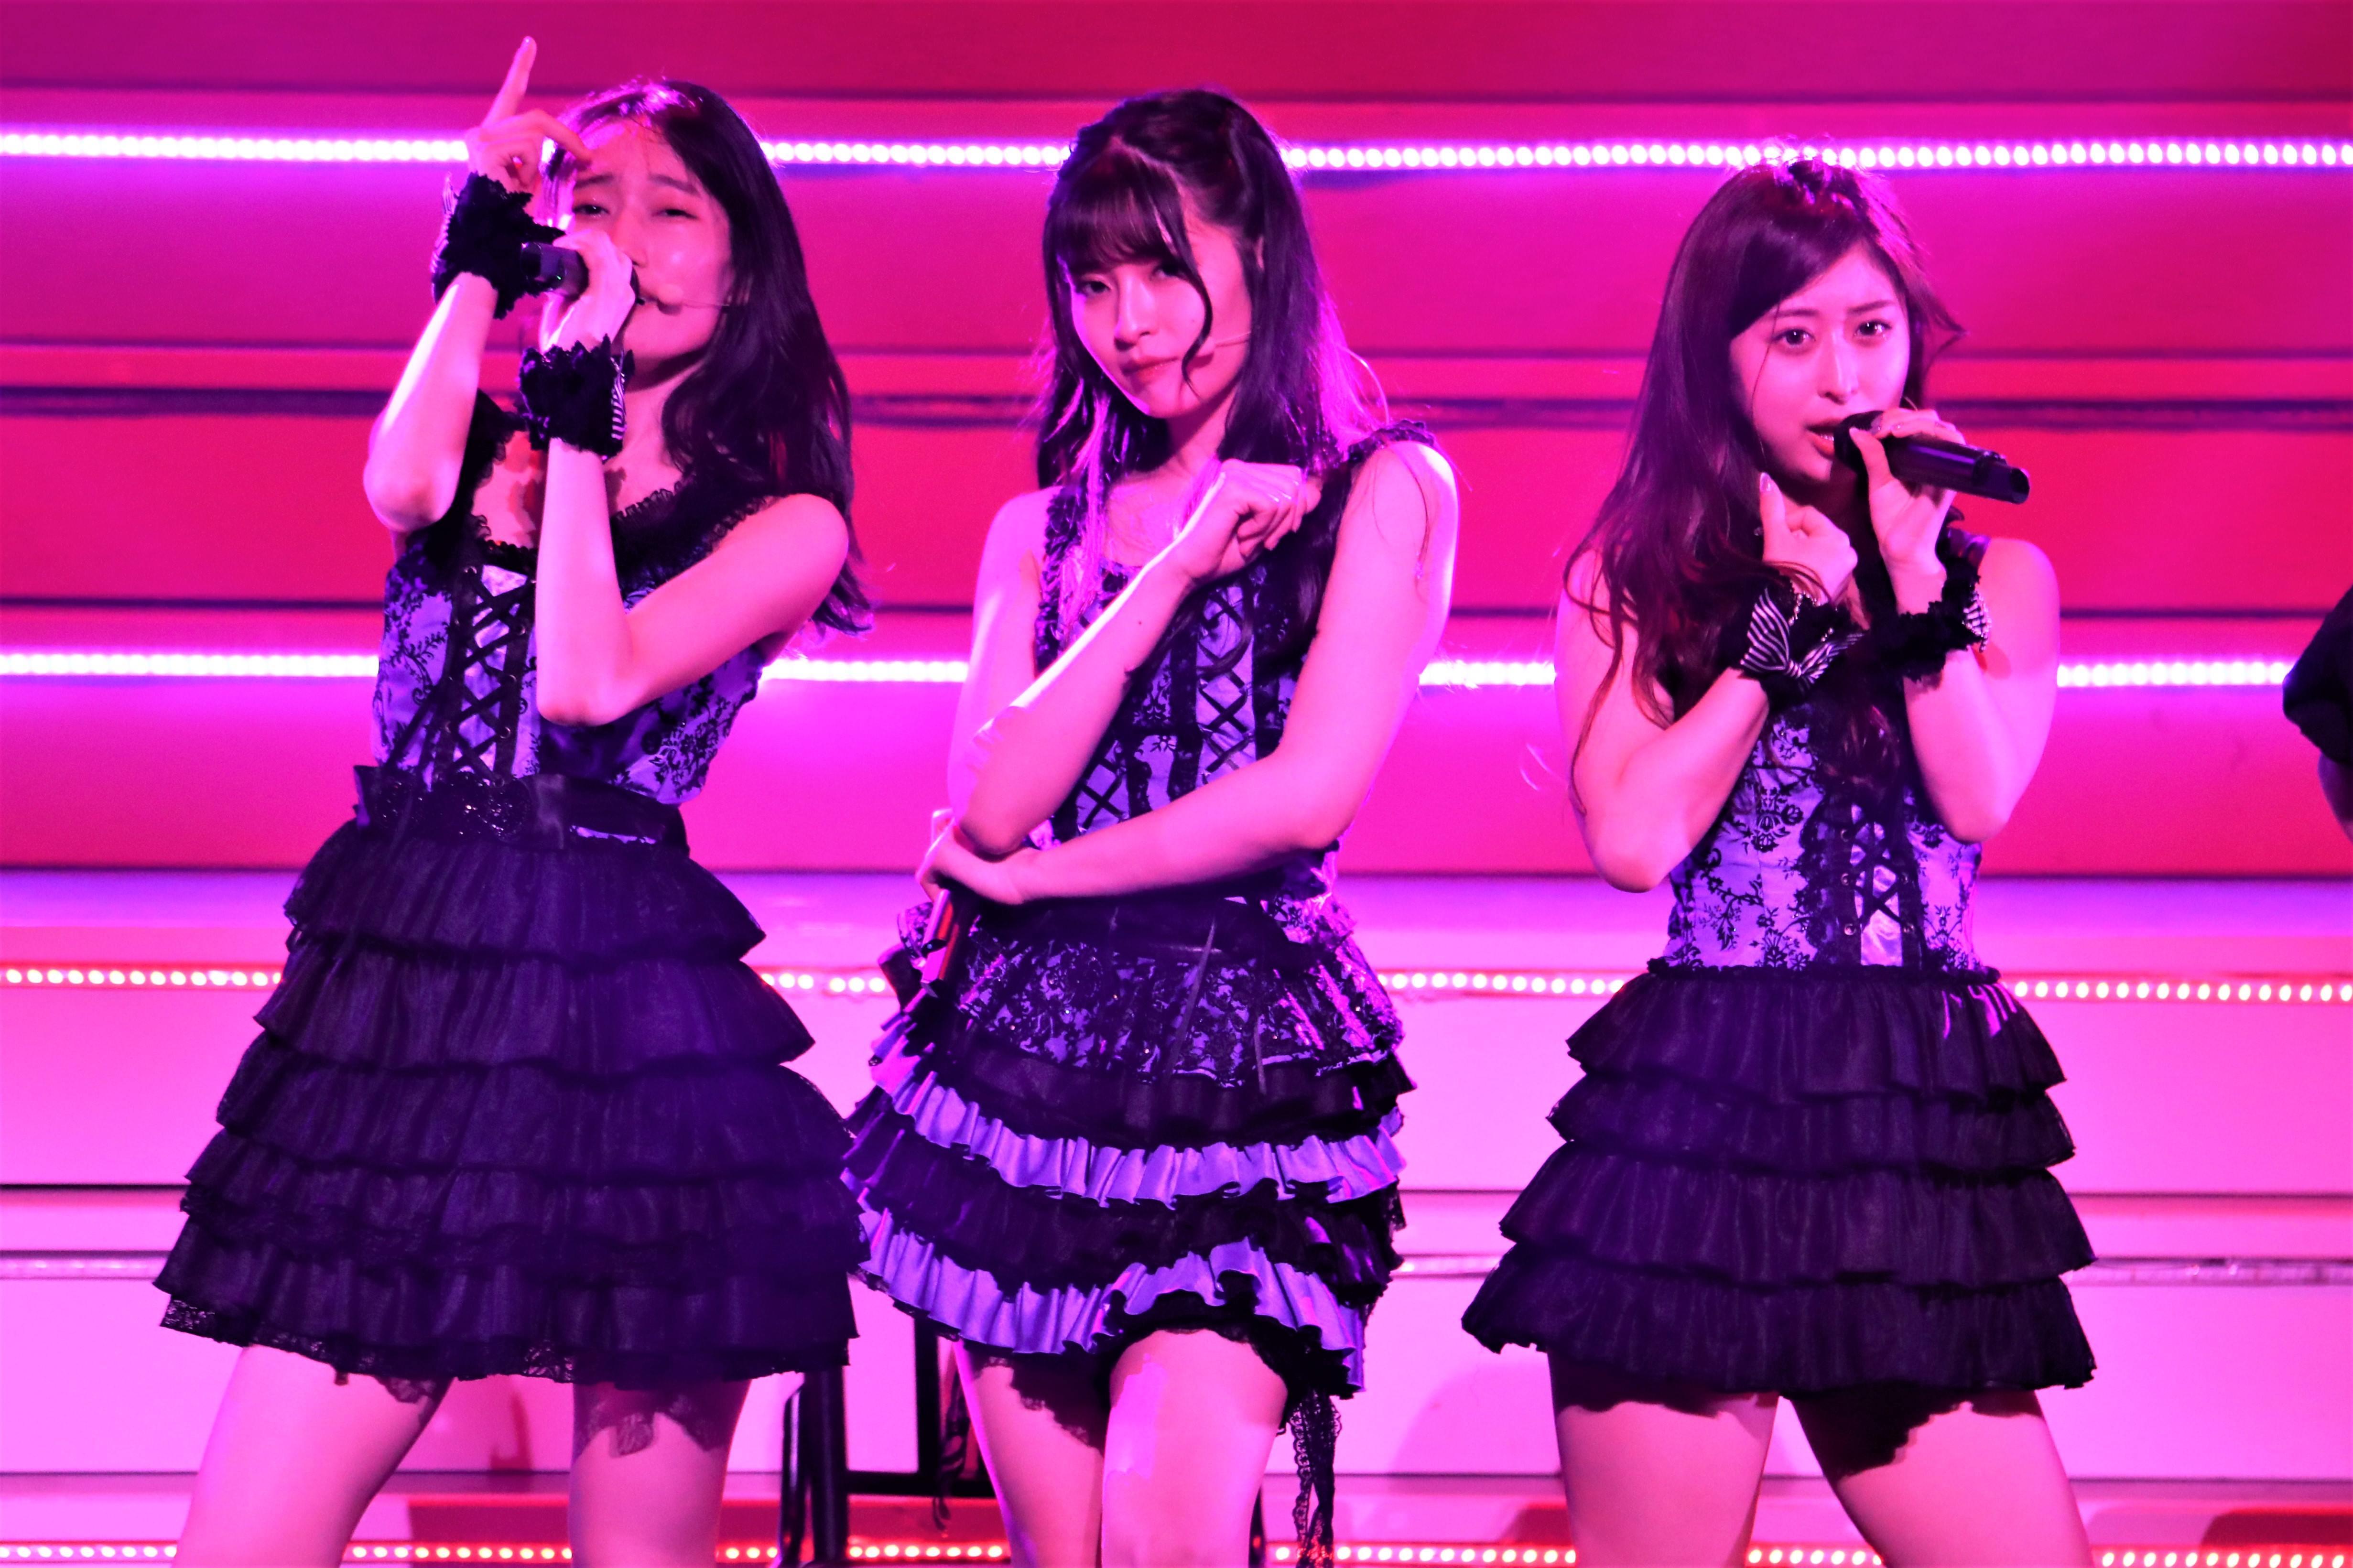 黒須遥香、行天優莉奈、吉橋柚花  ©AKB48 THE AUDISHOW製作委員会  無断アップロード及び転送は一切禁止です。